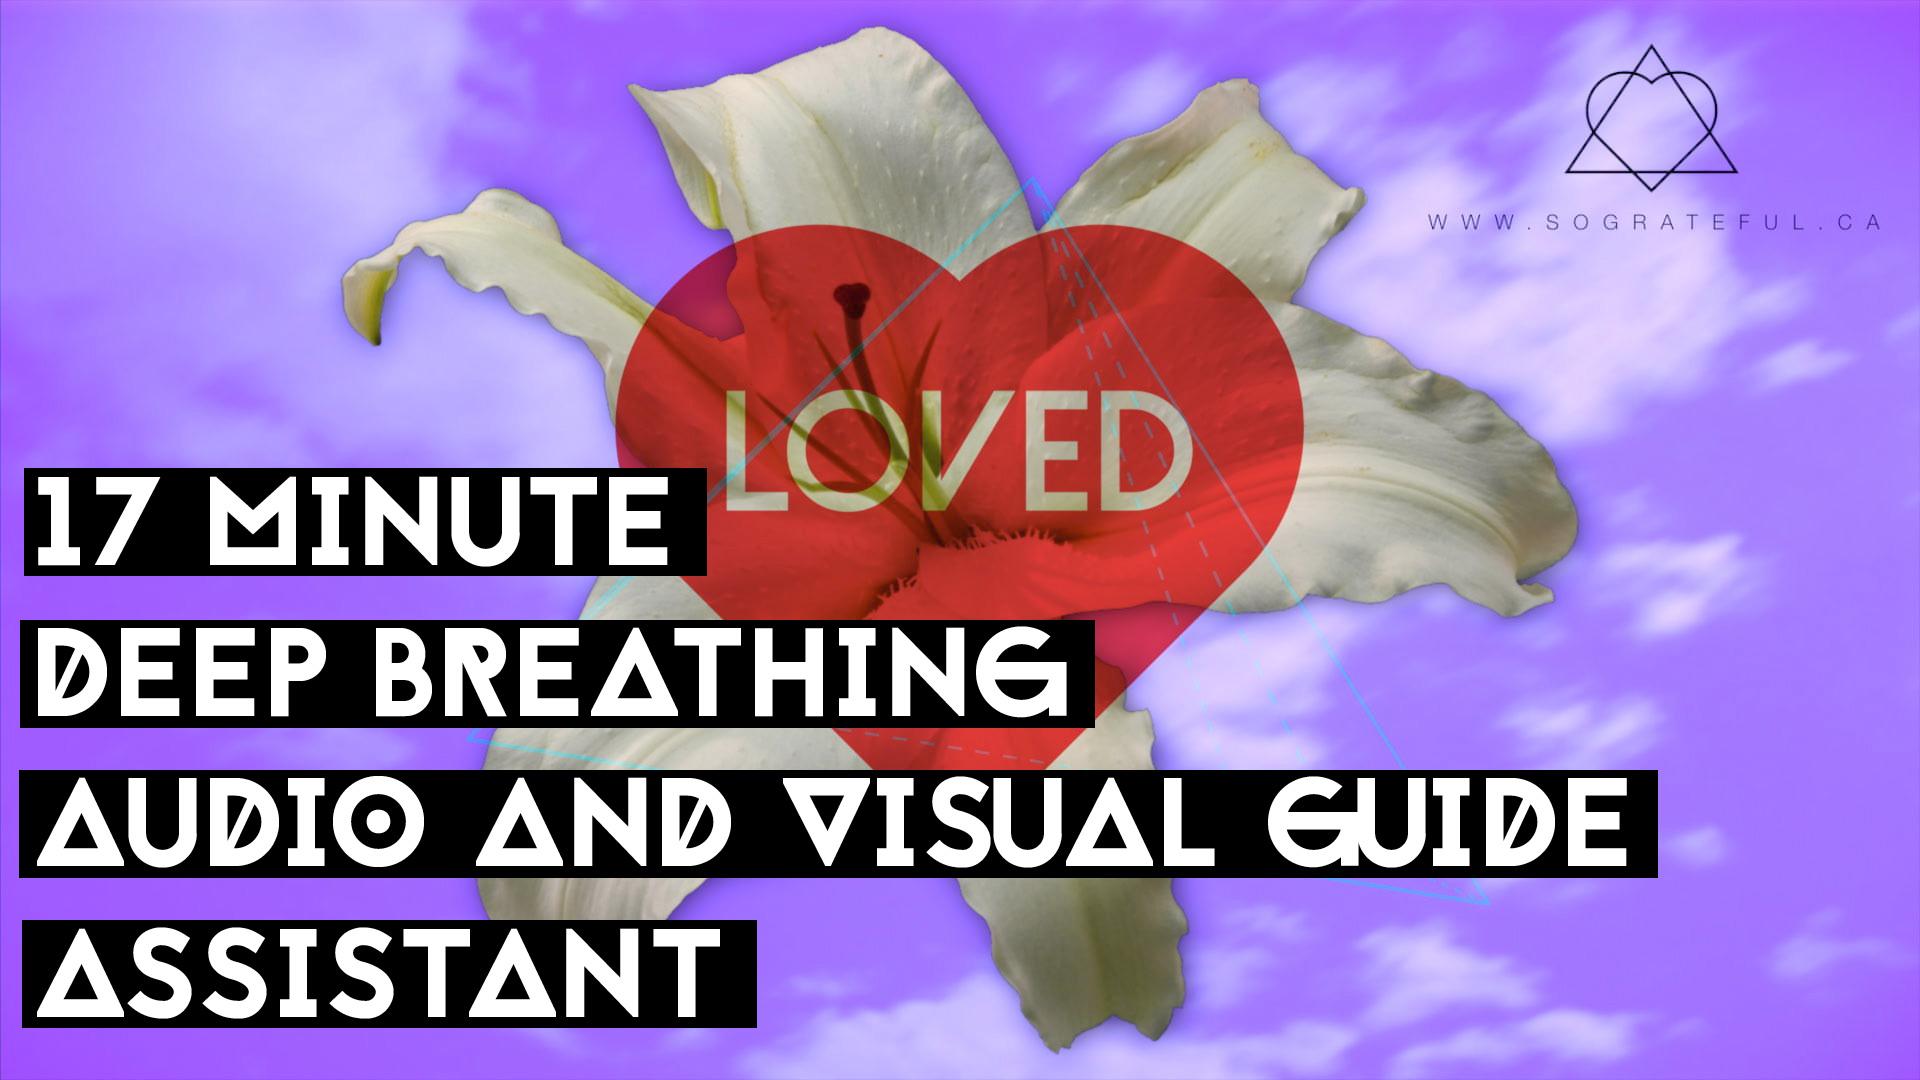 17-minute-deep-breathing-guide